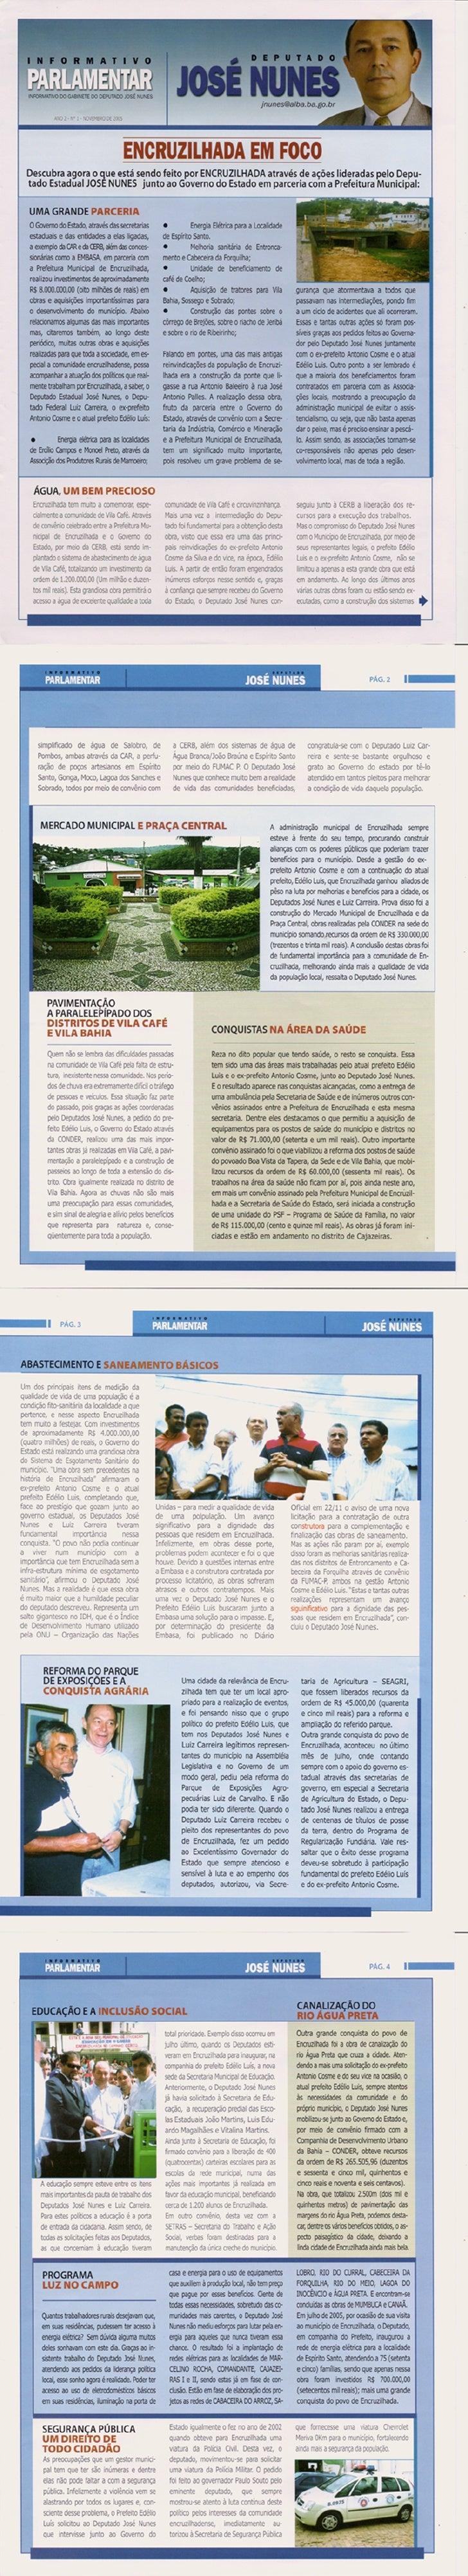 Boletim informativo sobre as obras e ações do deputado José Nunes (DEM) no município de Encruzilhada.